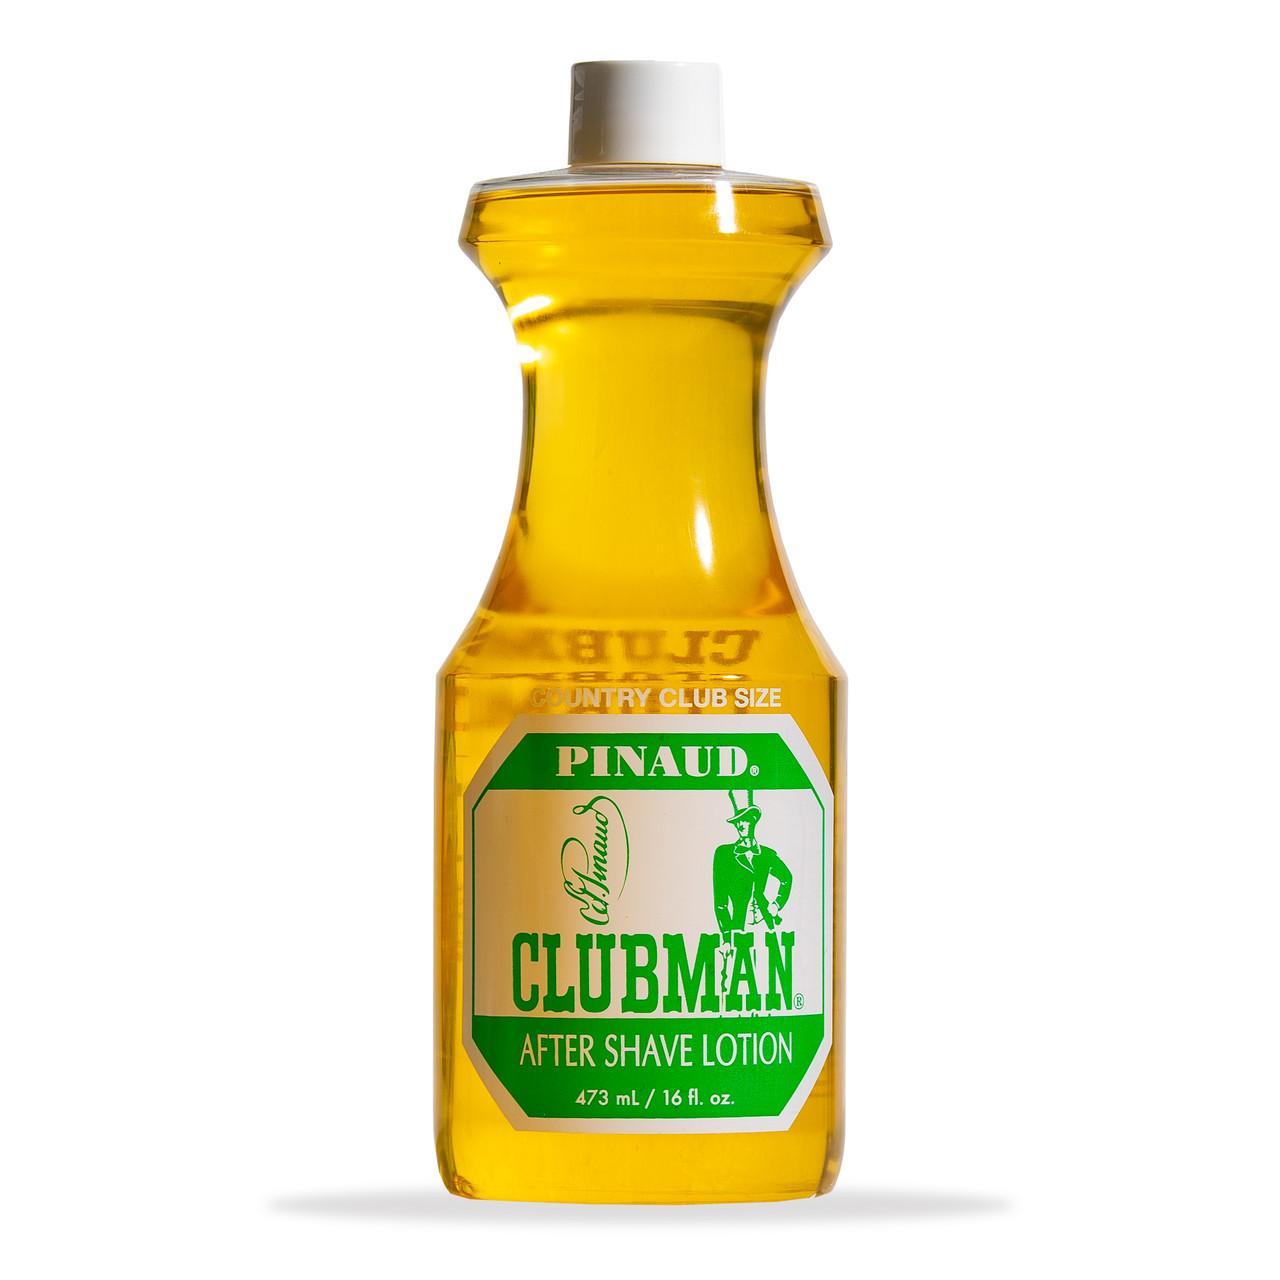 Лосьон после бритья Clubman Pinaud Original After Shave Lotion 473мл